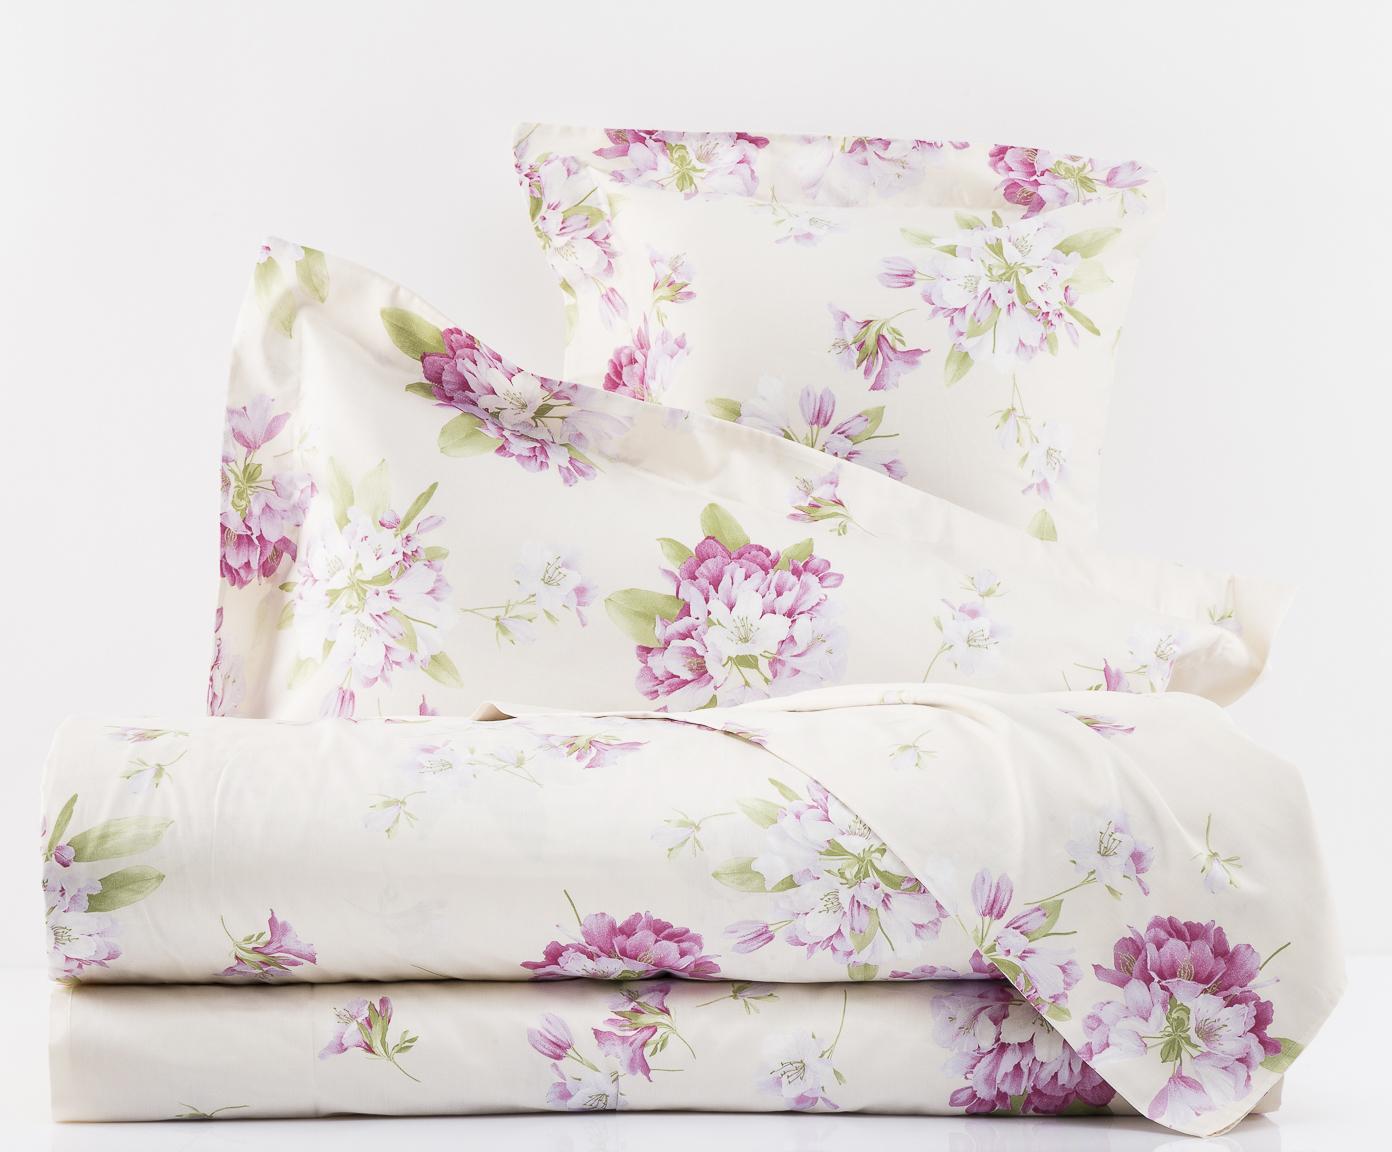 Комплекты постельного белья Постельное белье 1.5 спальное Mirabello Rododendri с розовыми цветами postelnoe-belie-mirabello-rododendri-s-rozovymi-tsvetami-italiya.jpg